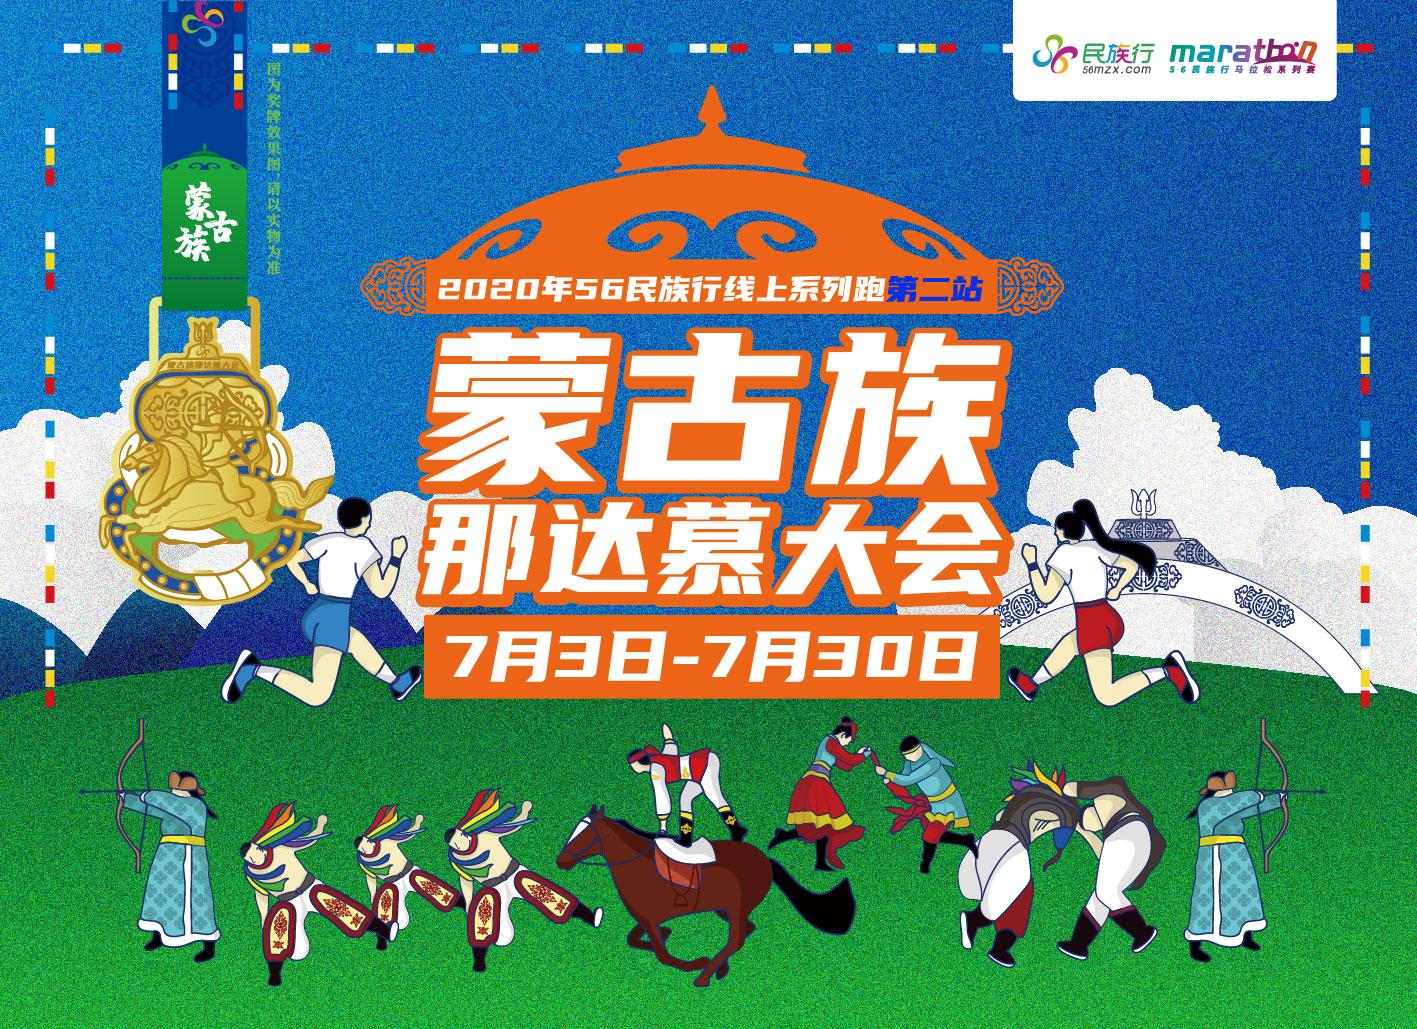 2020年56民族行线上系列跑•蒙古族那达慕大会(第二站)